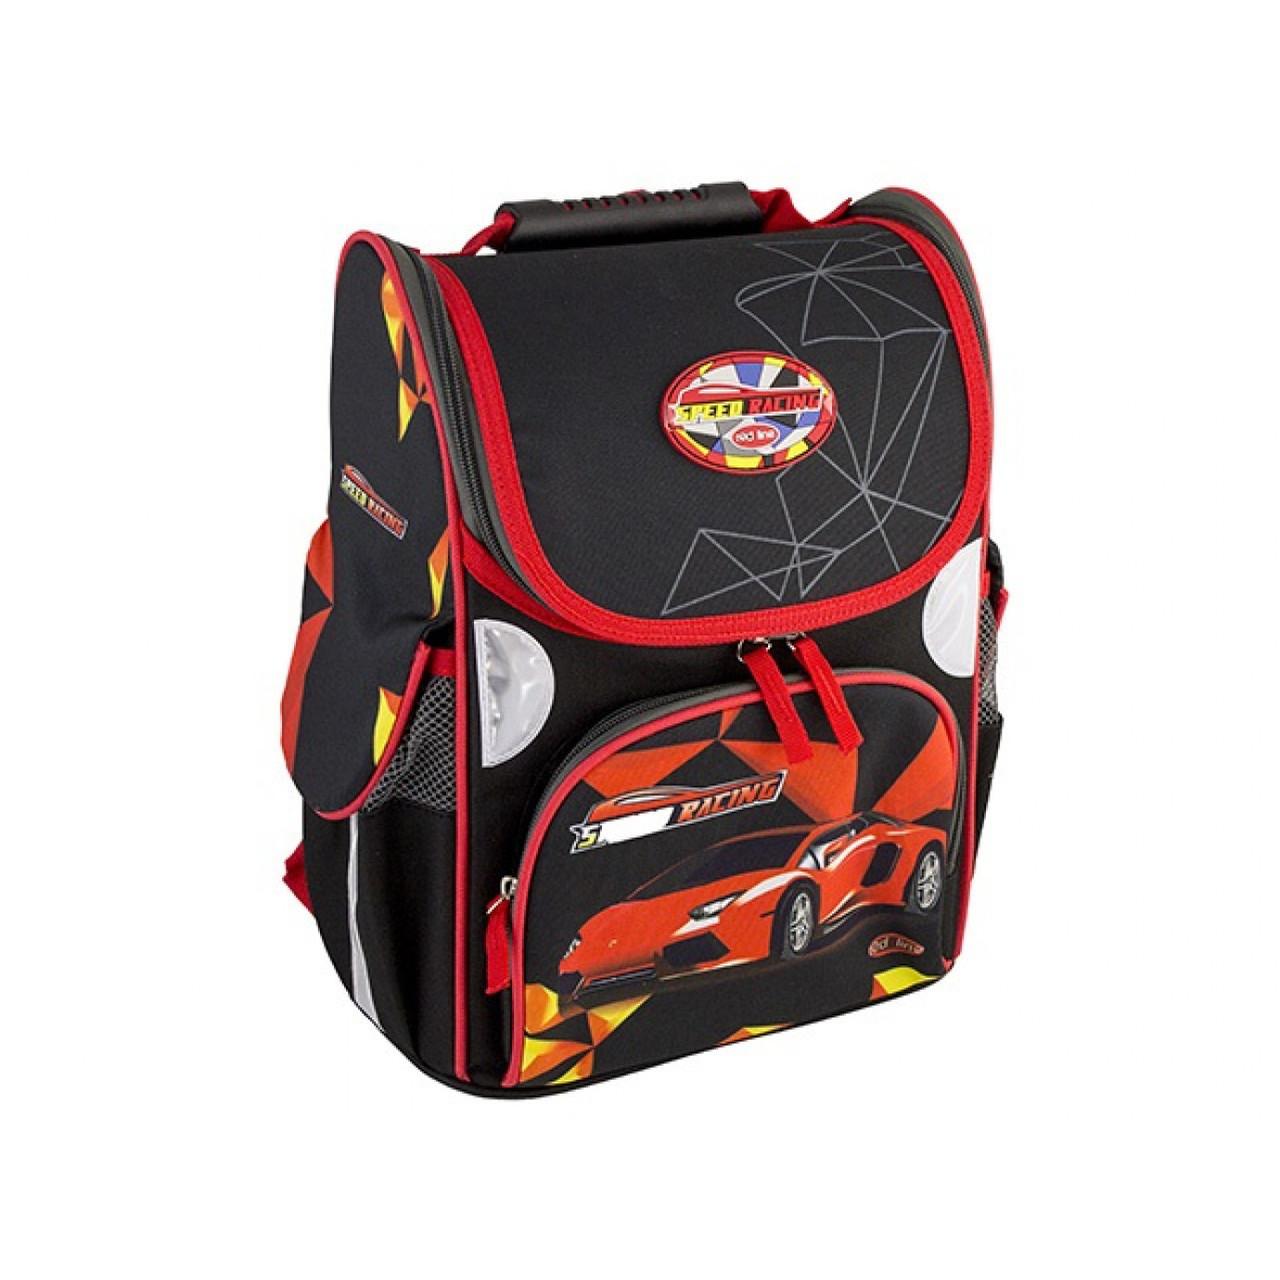 """Ранець """"Rainbow"""" Racing PL, 2 відділення, 2 кишені, 34 х25х14см (20) №7-509/13019090"""